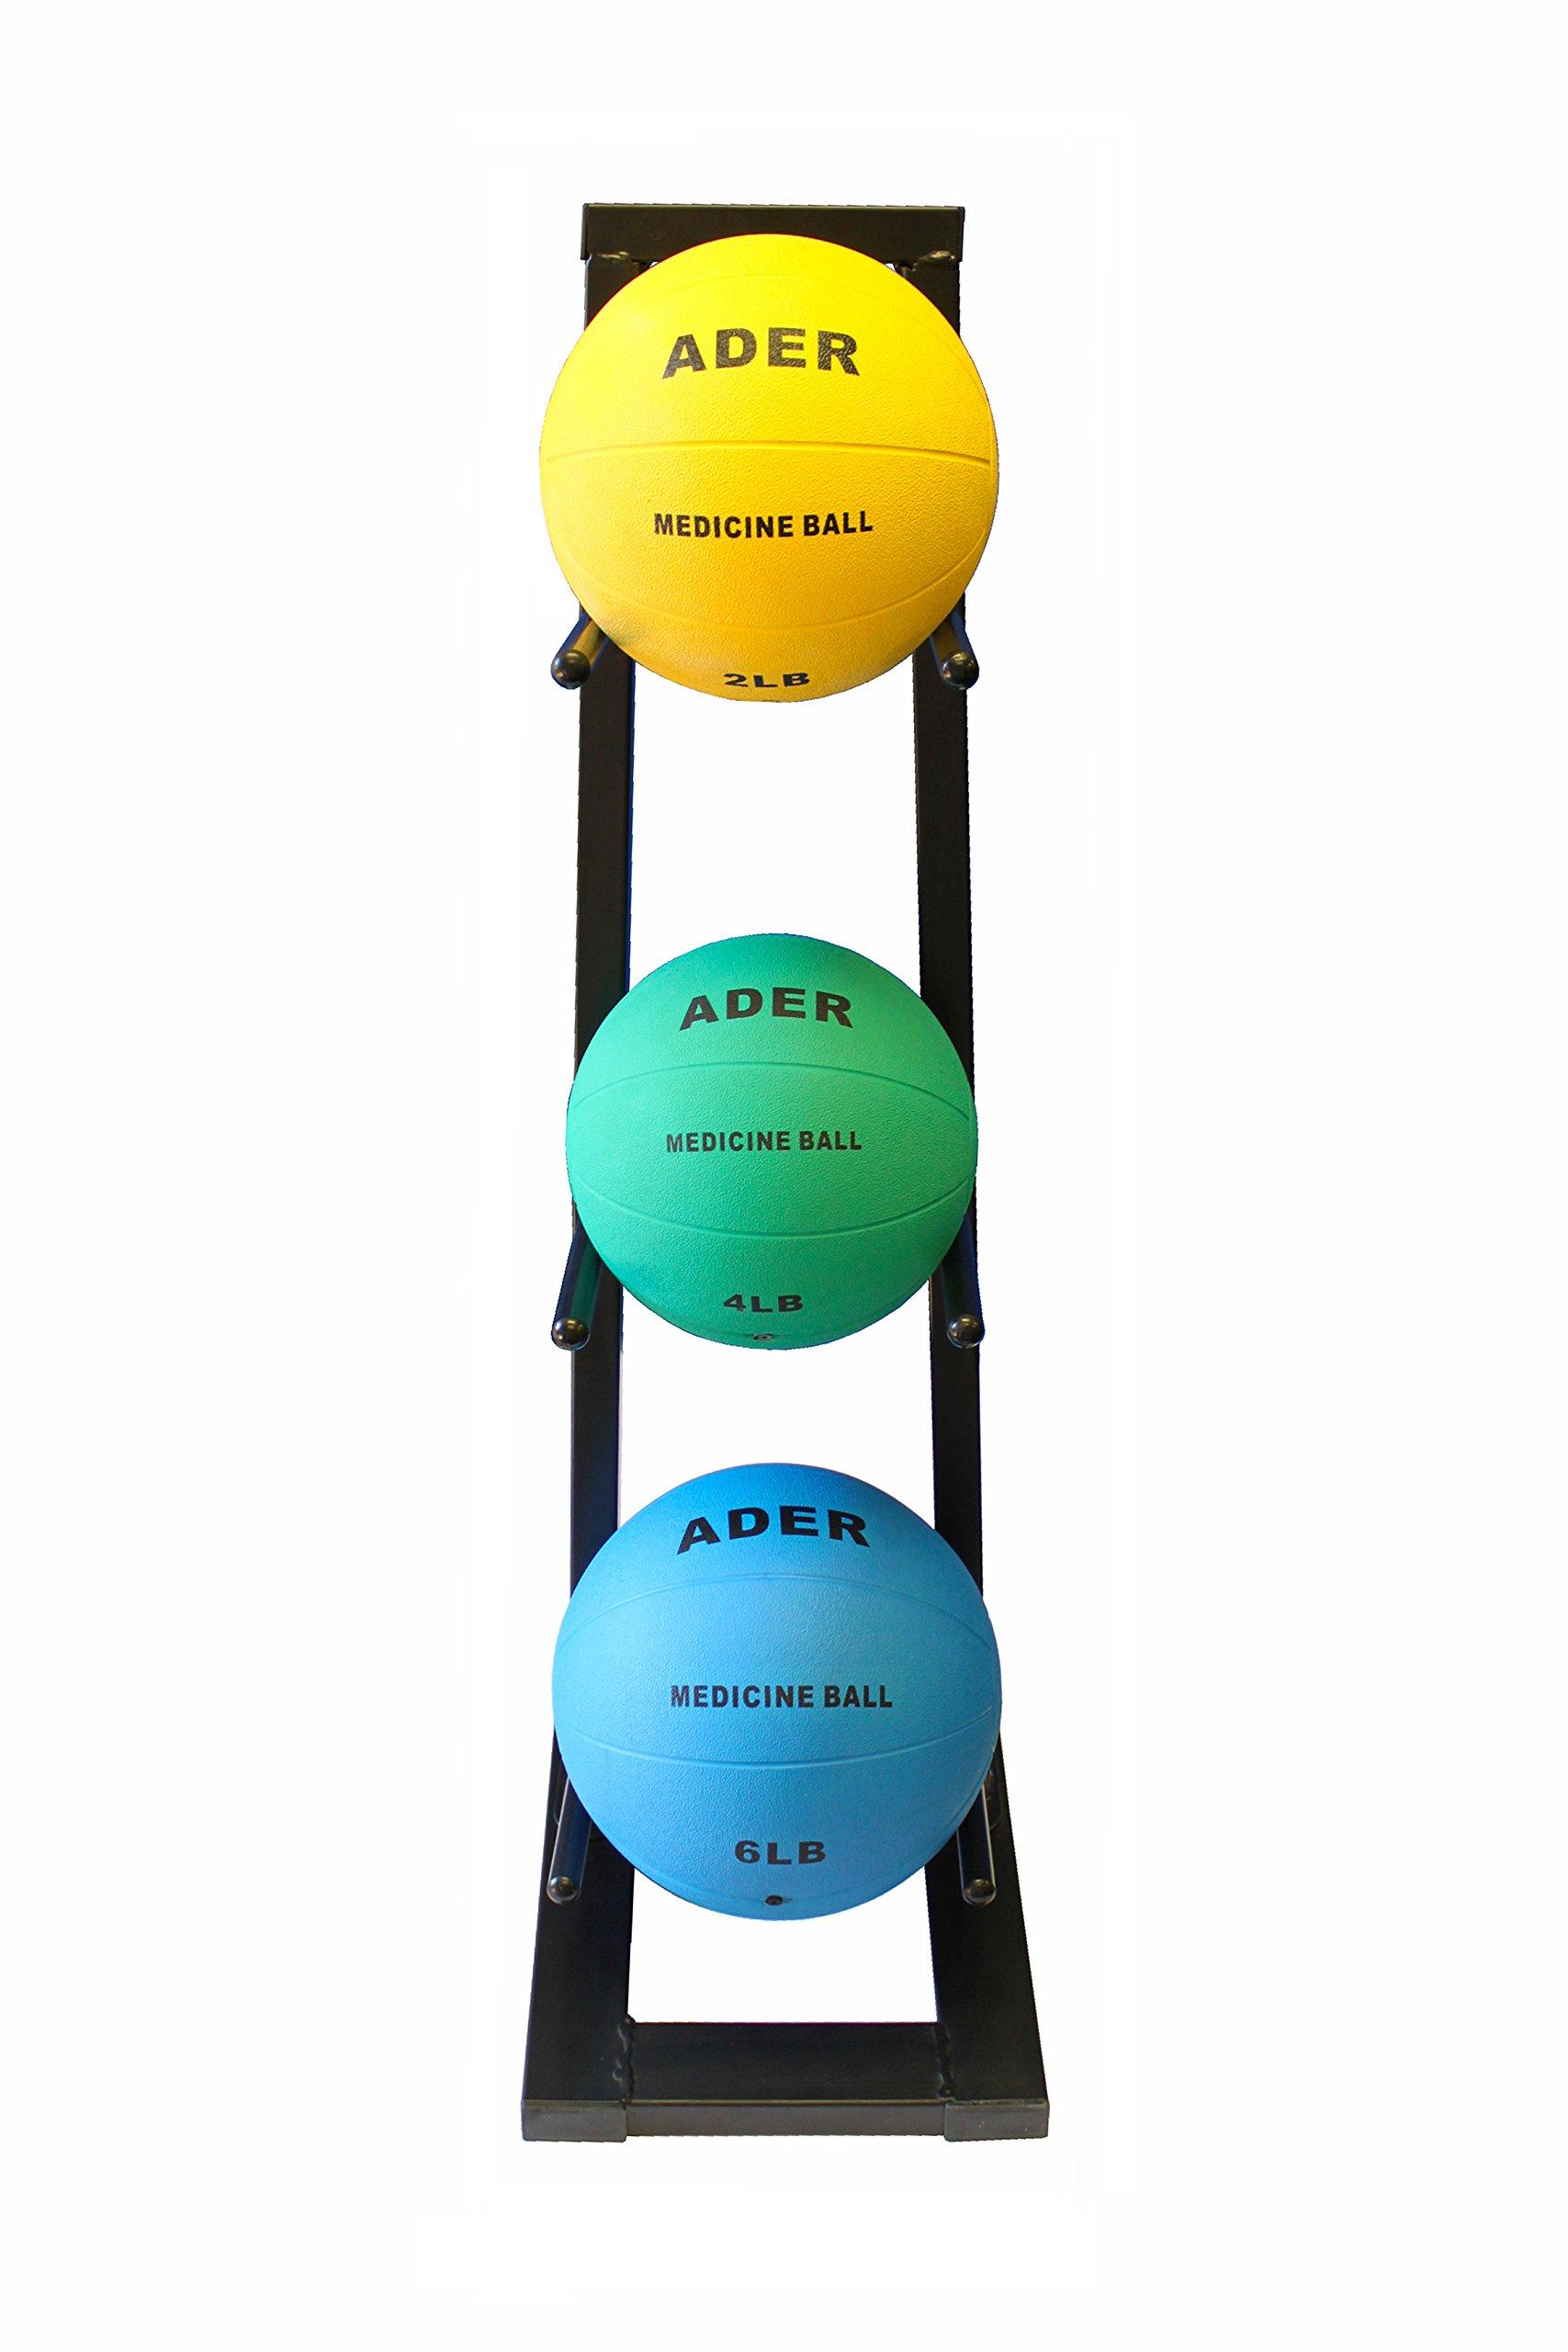 Ader Medicine Ball Set w/Rack (Rack + 2, 4, 6 LB Med Balls) by Ader Sporting Goods (Image #1)